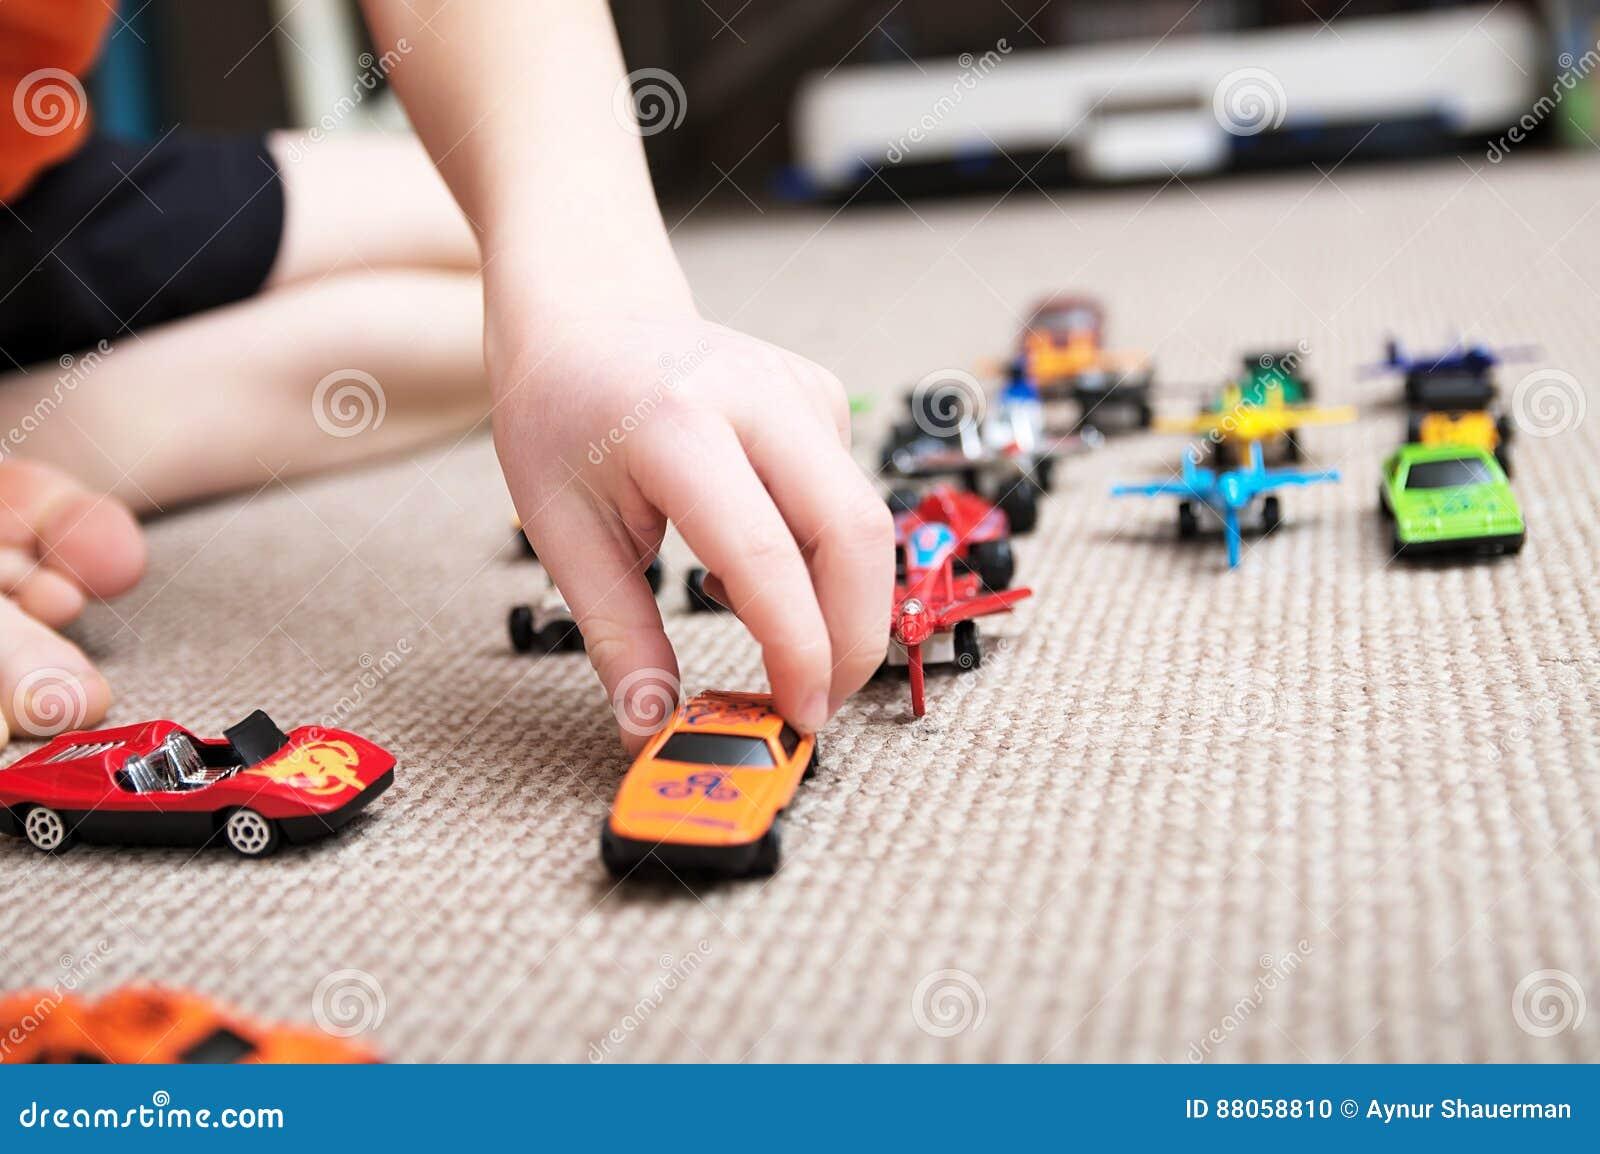 Pojke som spelar med bilsamlingen på matta Barnhandlek Trans.-, flygplan-, nivå- och helikopterleksaker för barn